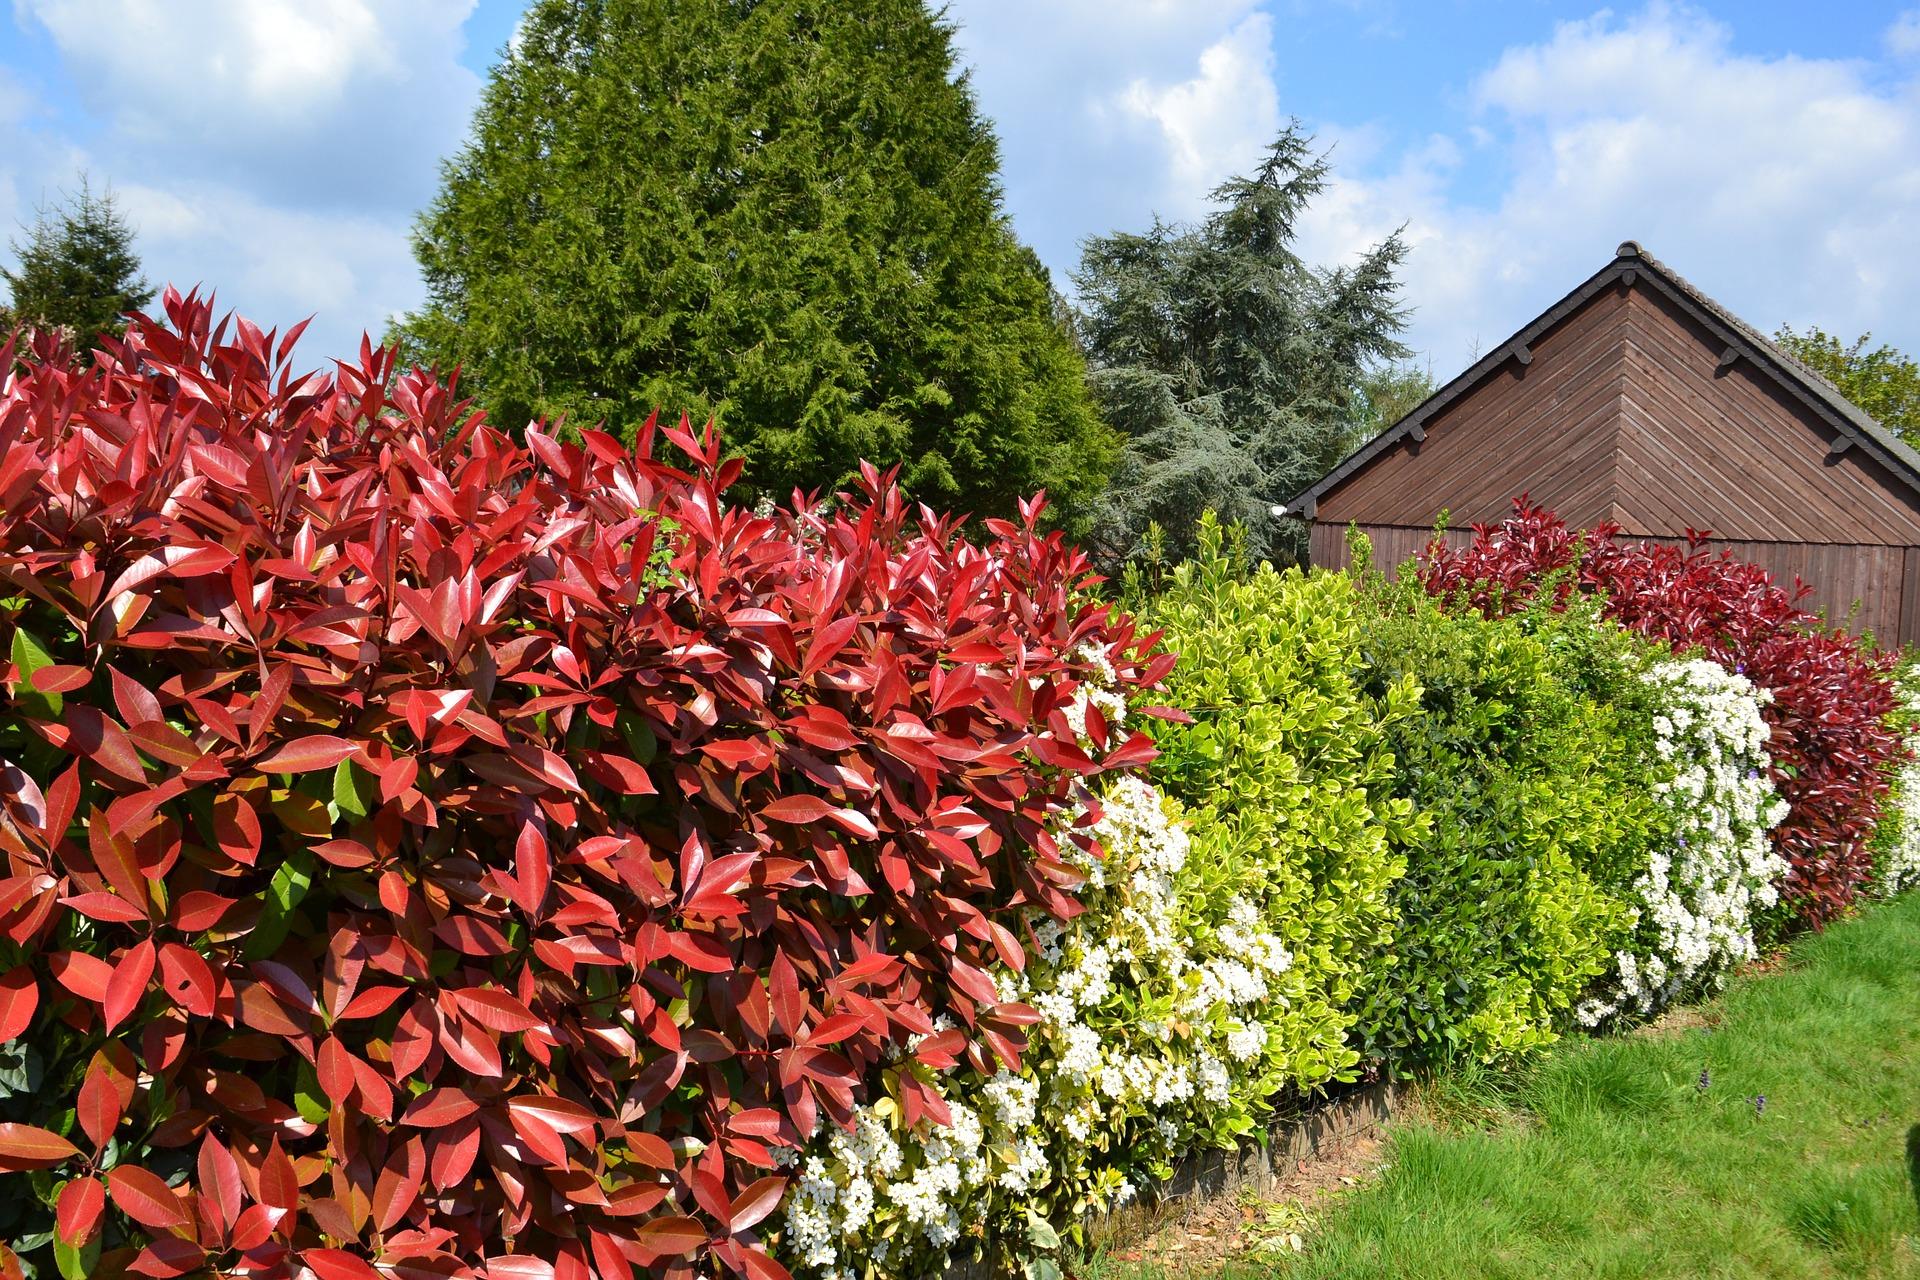 Haie composée de plusieurs types de buissons de couleurs différentes